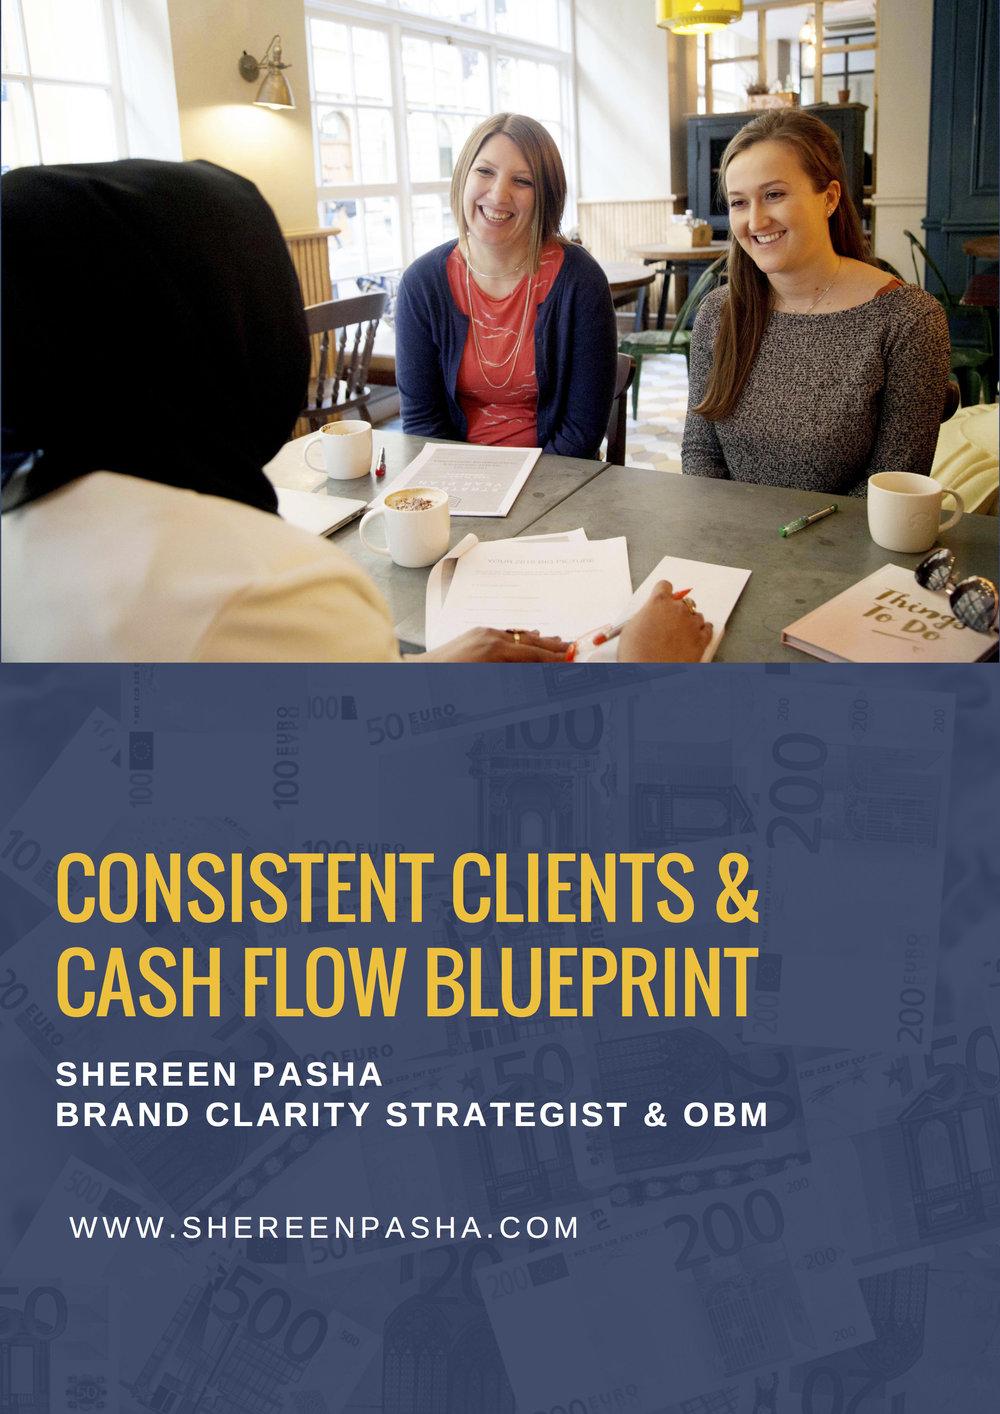 consistent-clients-cashflow.jpg